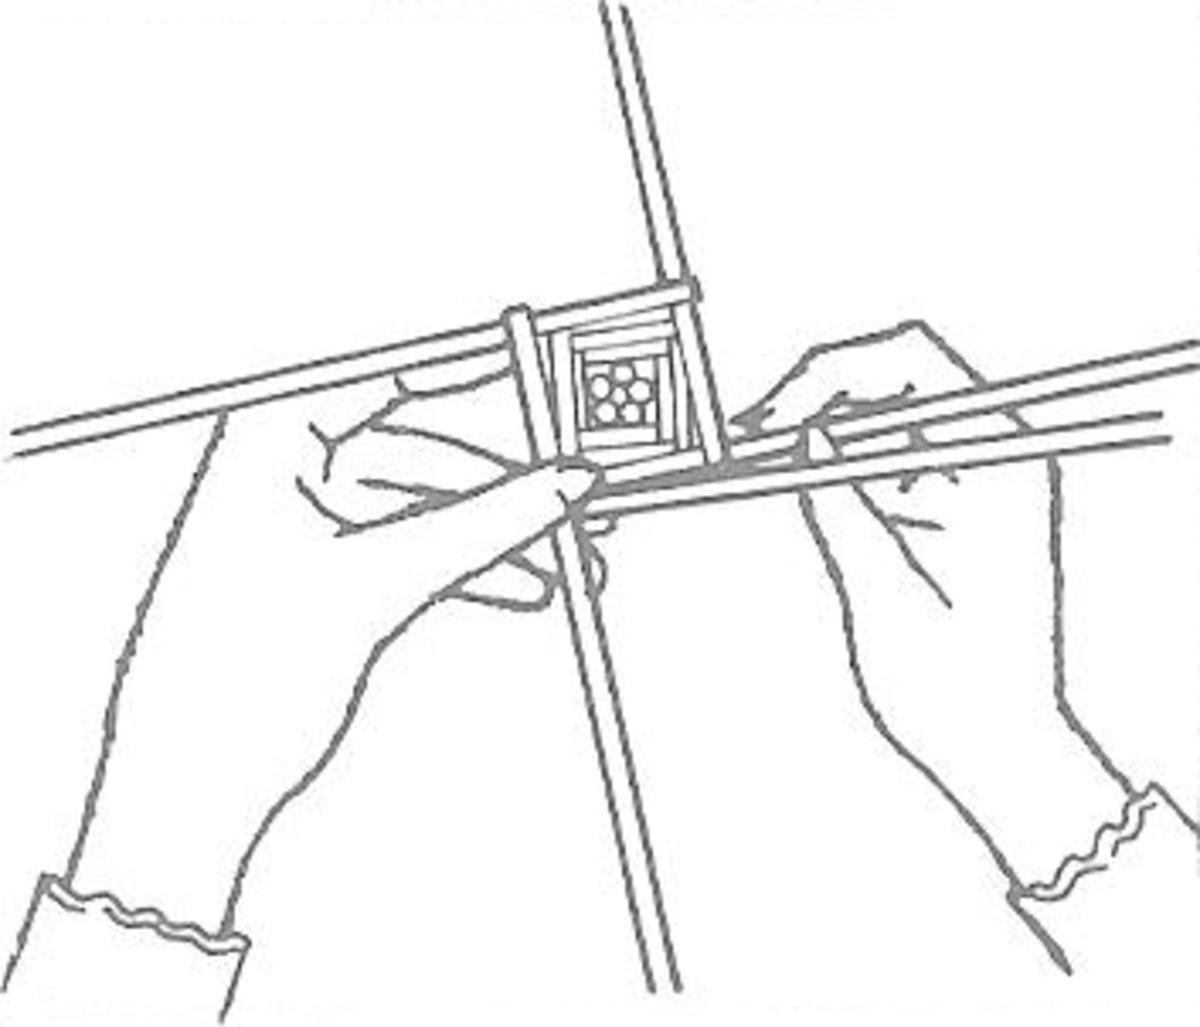 Figure 4: Free Weaving - Widening the Shape